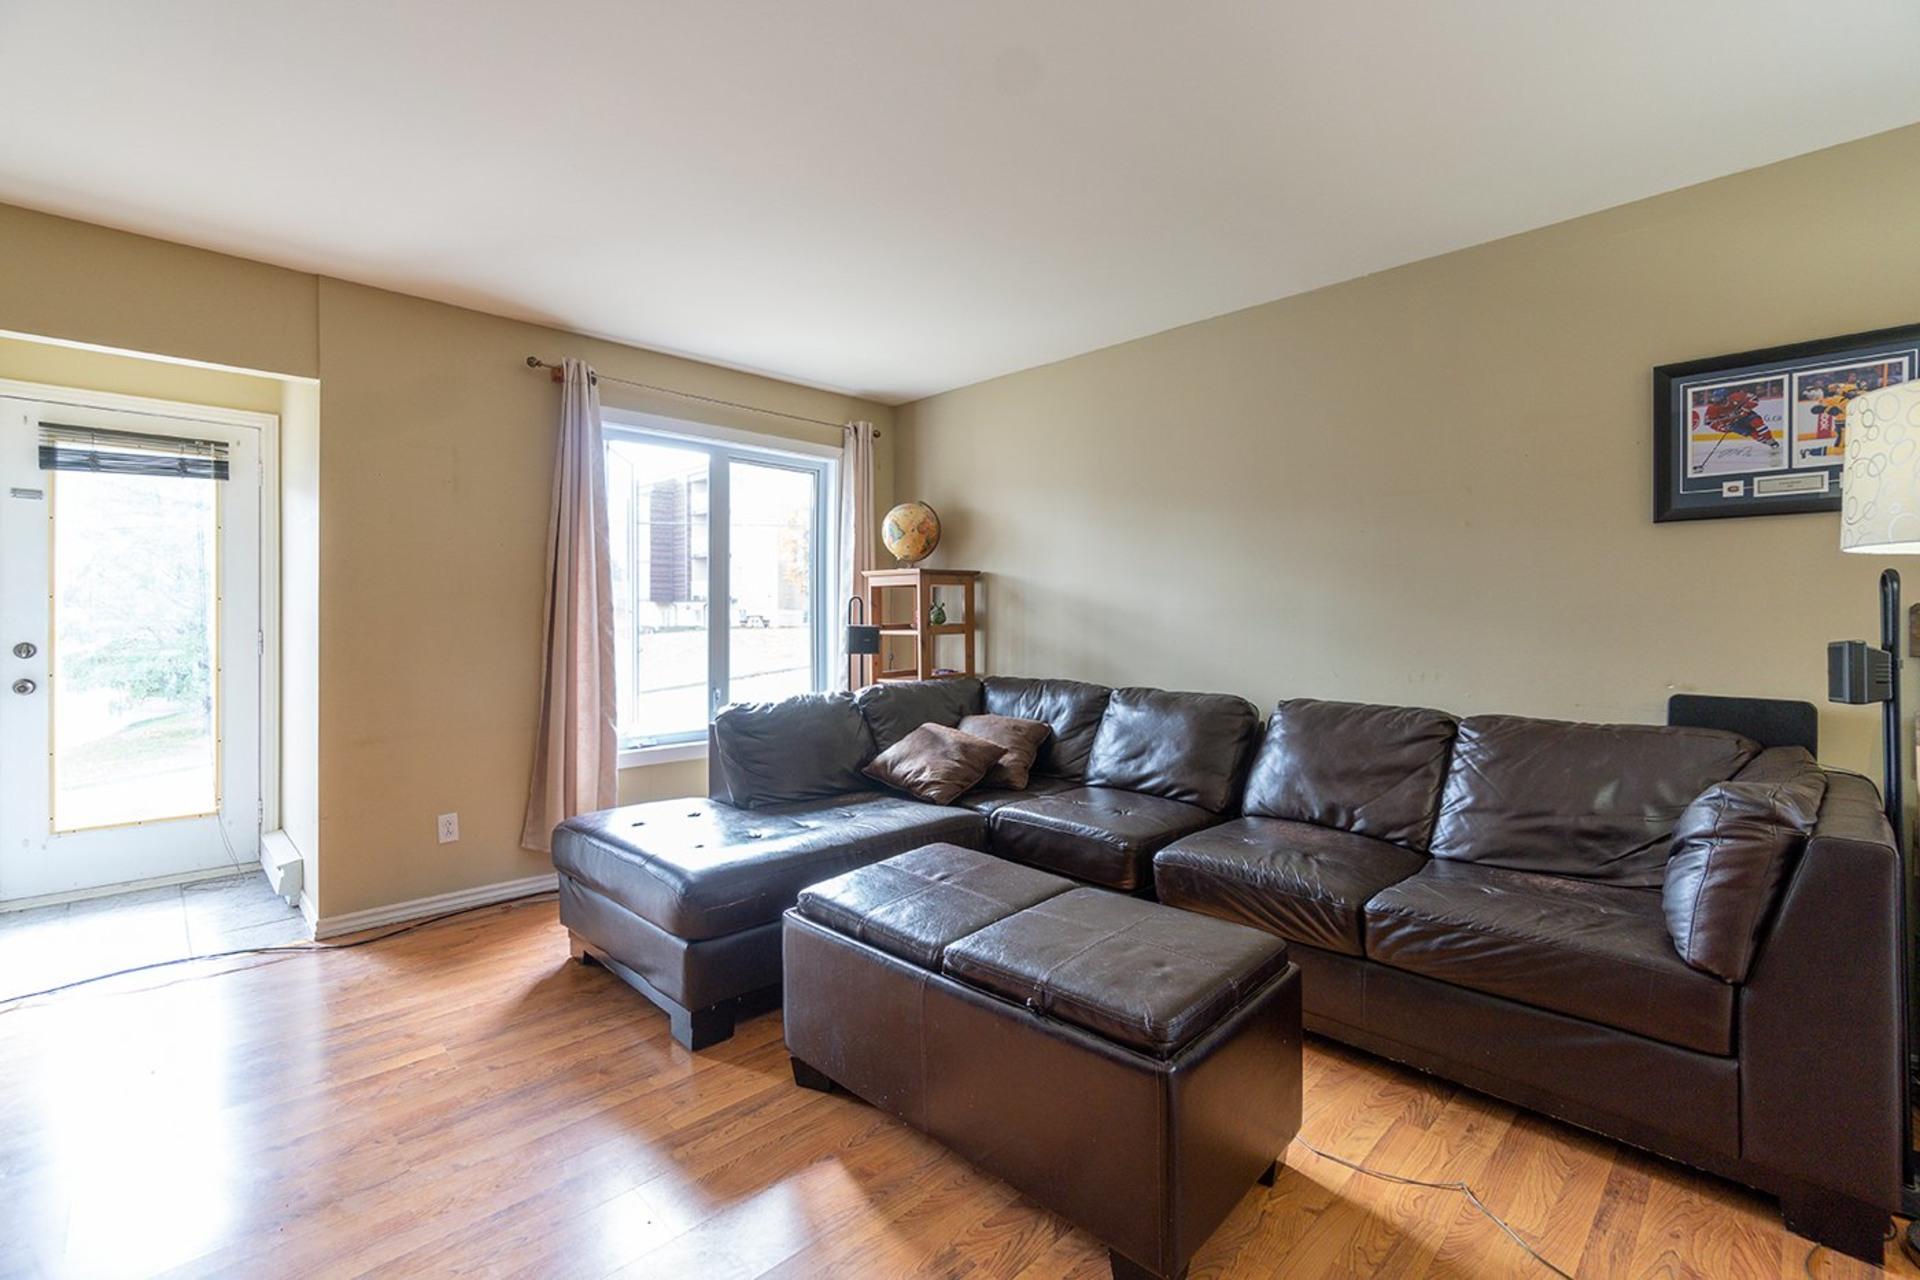 image 3 - Maison À vendre Fleurimont Sherbrooke  - 7 pièces